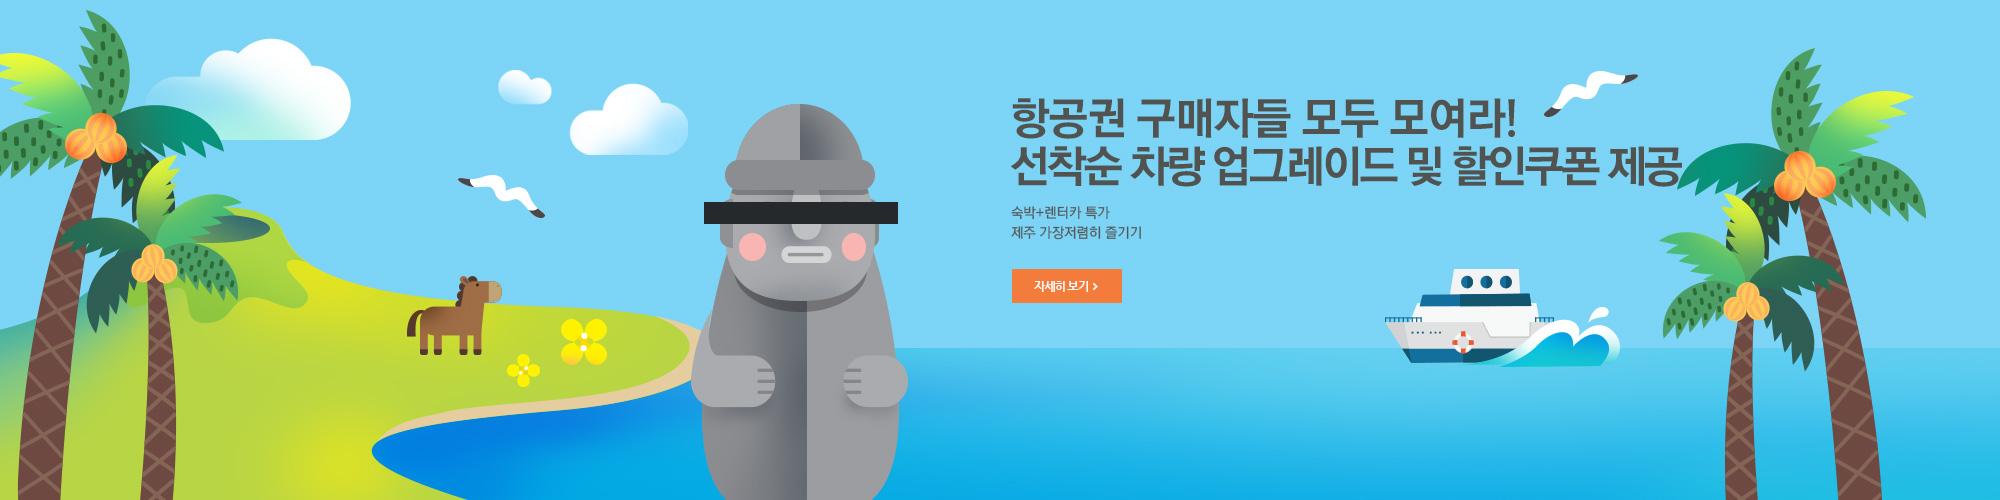 숙박+렌터카 특가